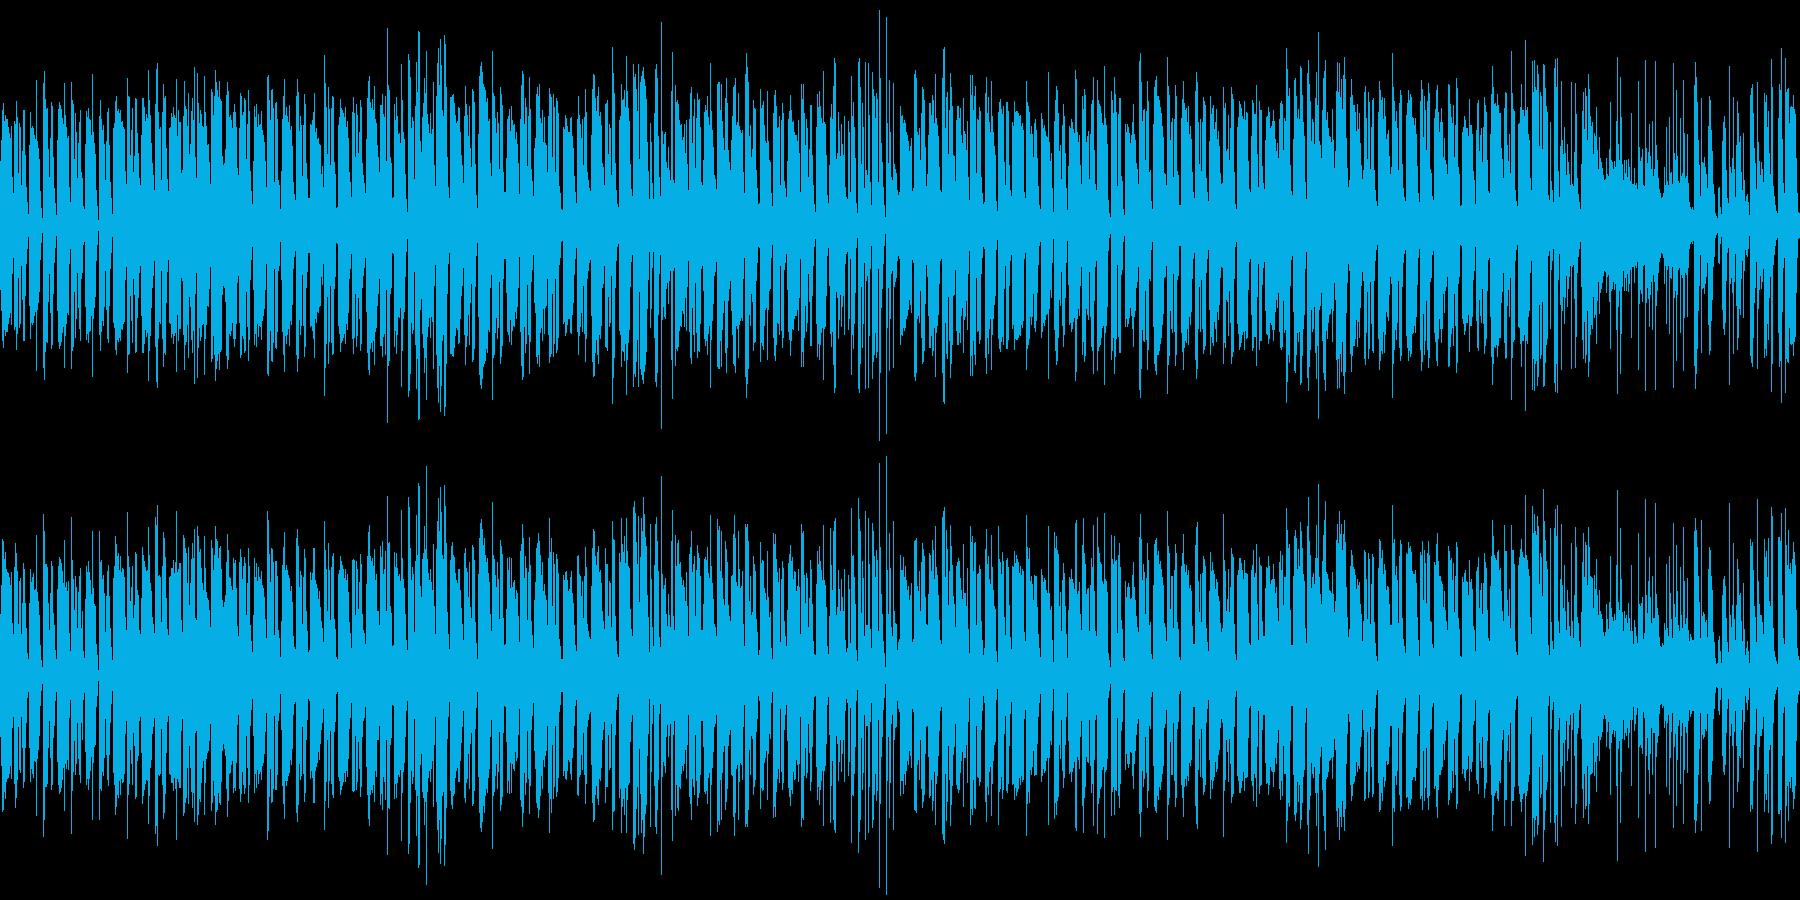 メニュー画面などに使える激しいファンクの再生済みの波形